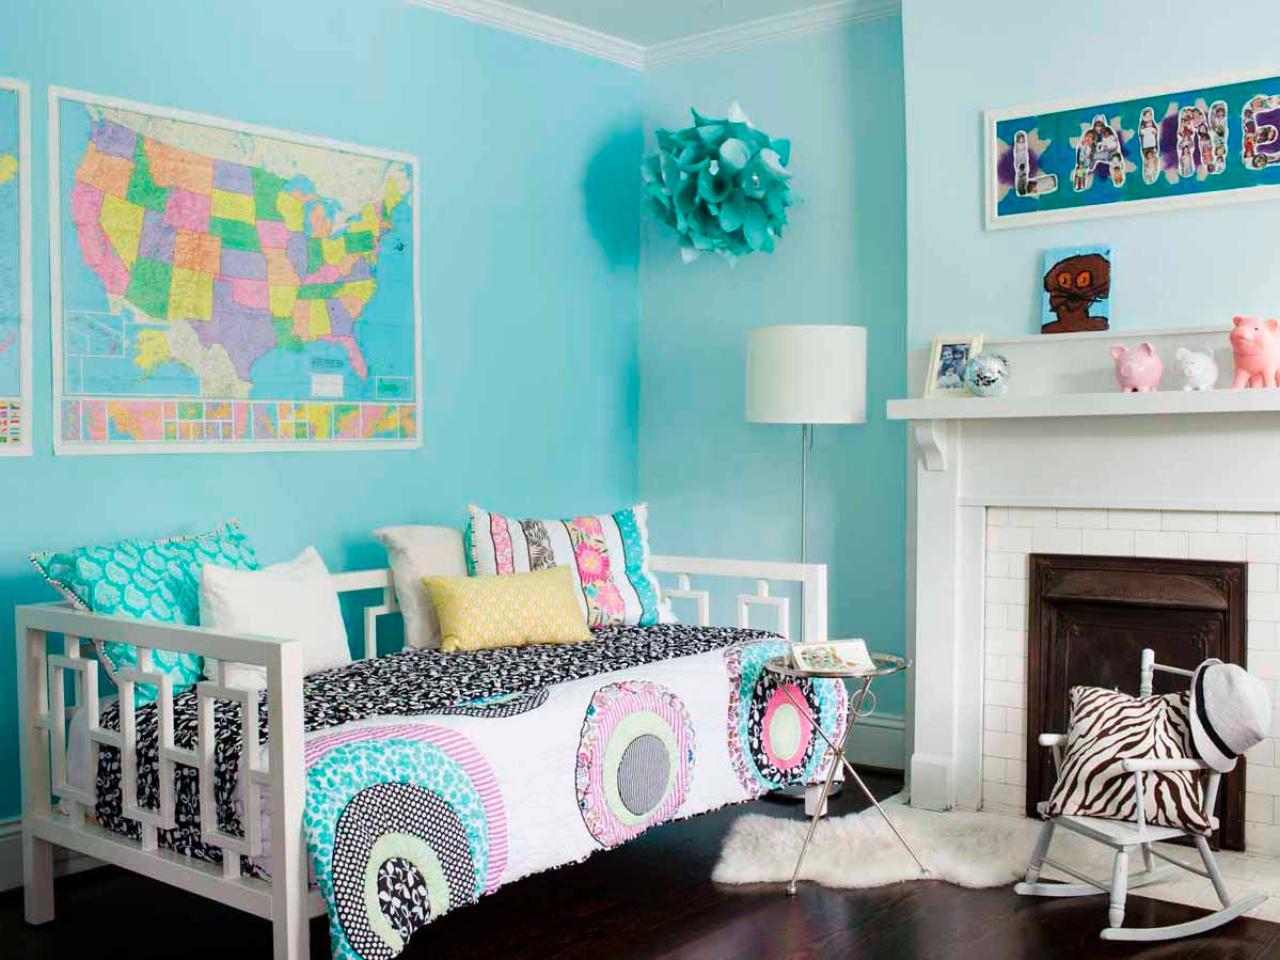 Habitaciones Juveniles Originales: 80 Ideas para tus Hijos - Estreno ...